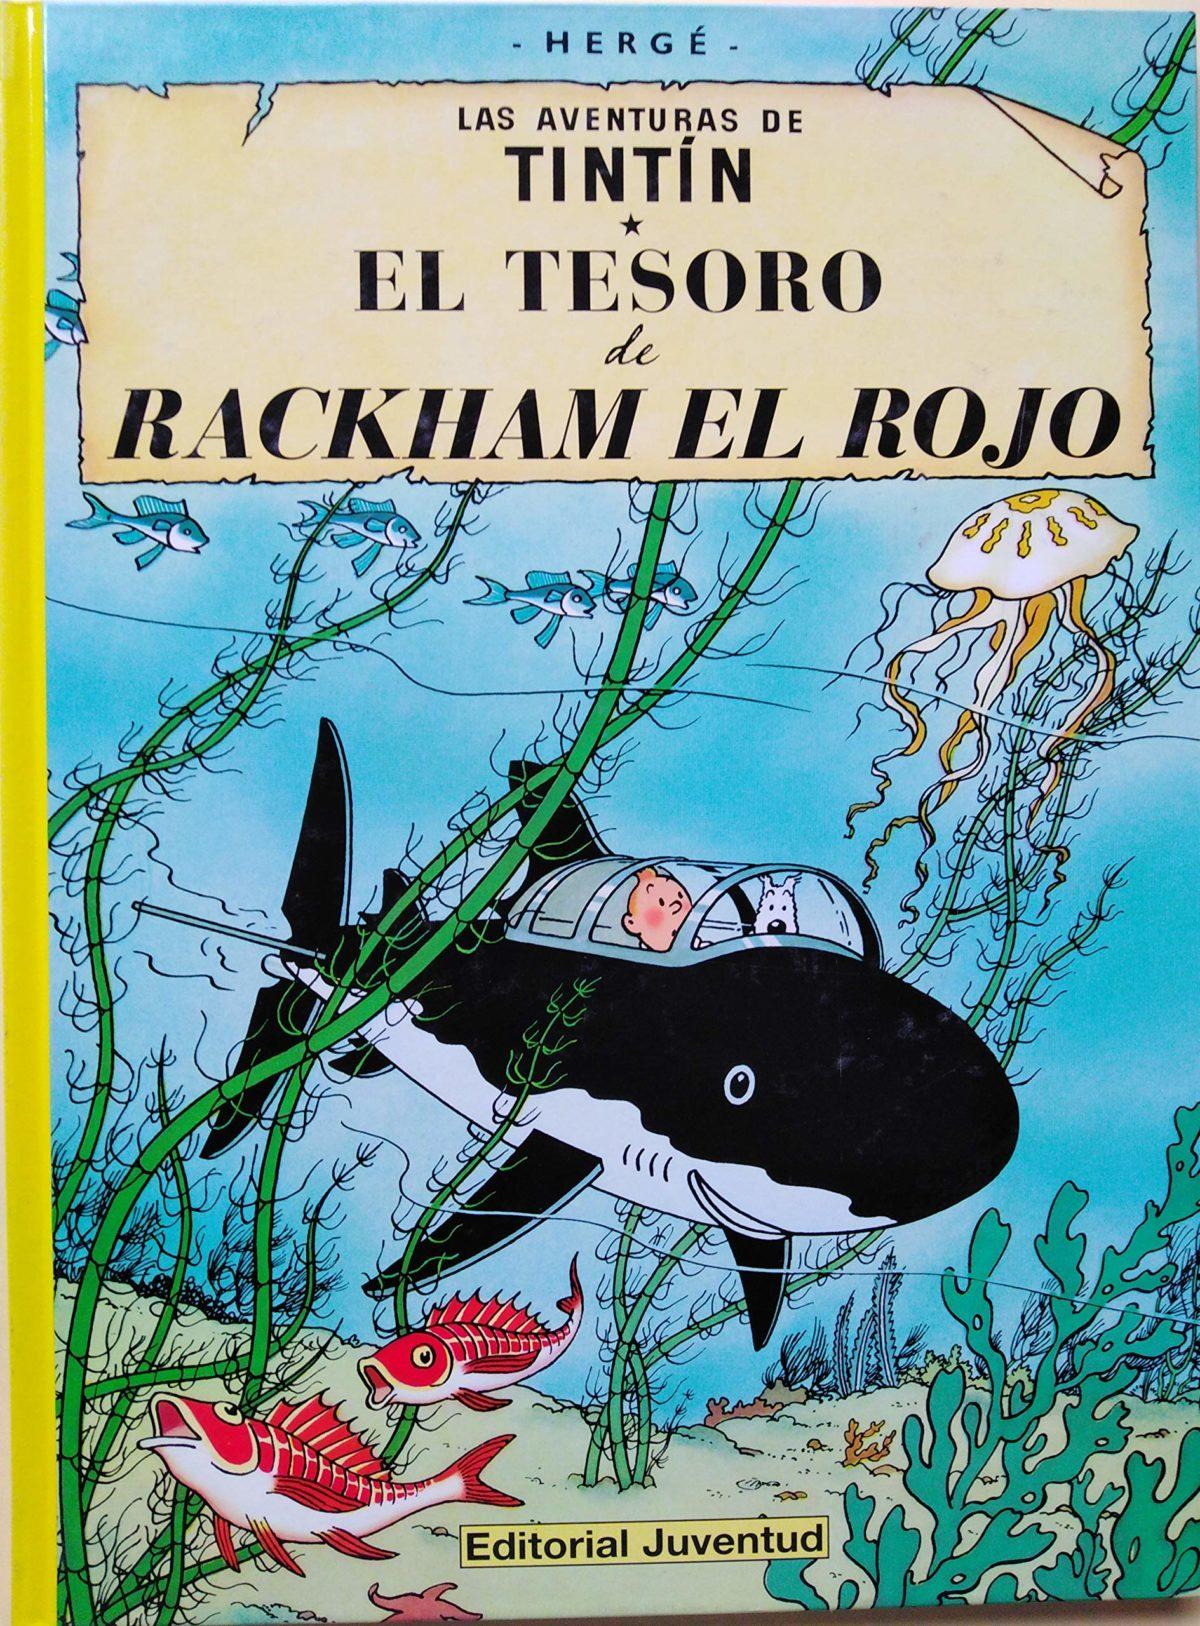 El tesoro de Rackham el Rojo - Las Aventuras de Tintín (Cartoné)